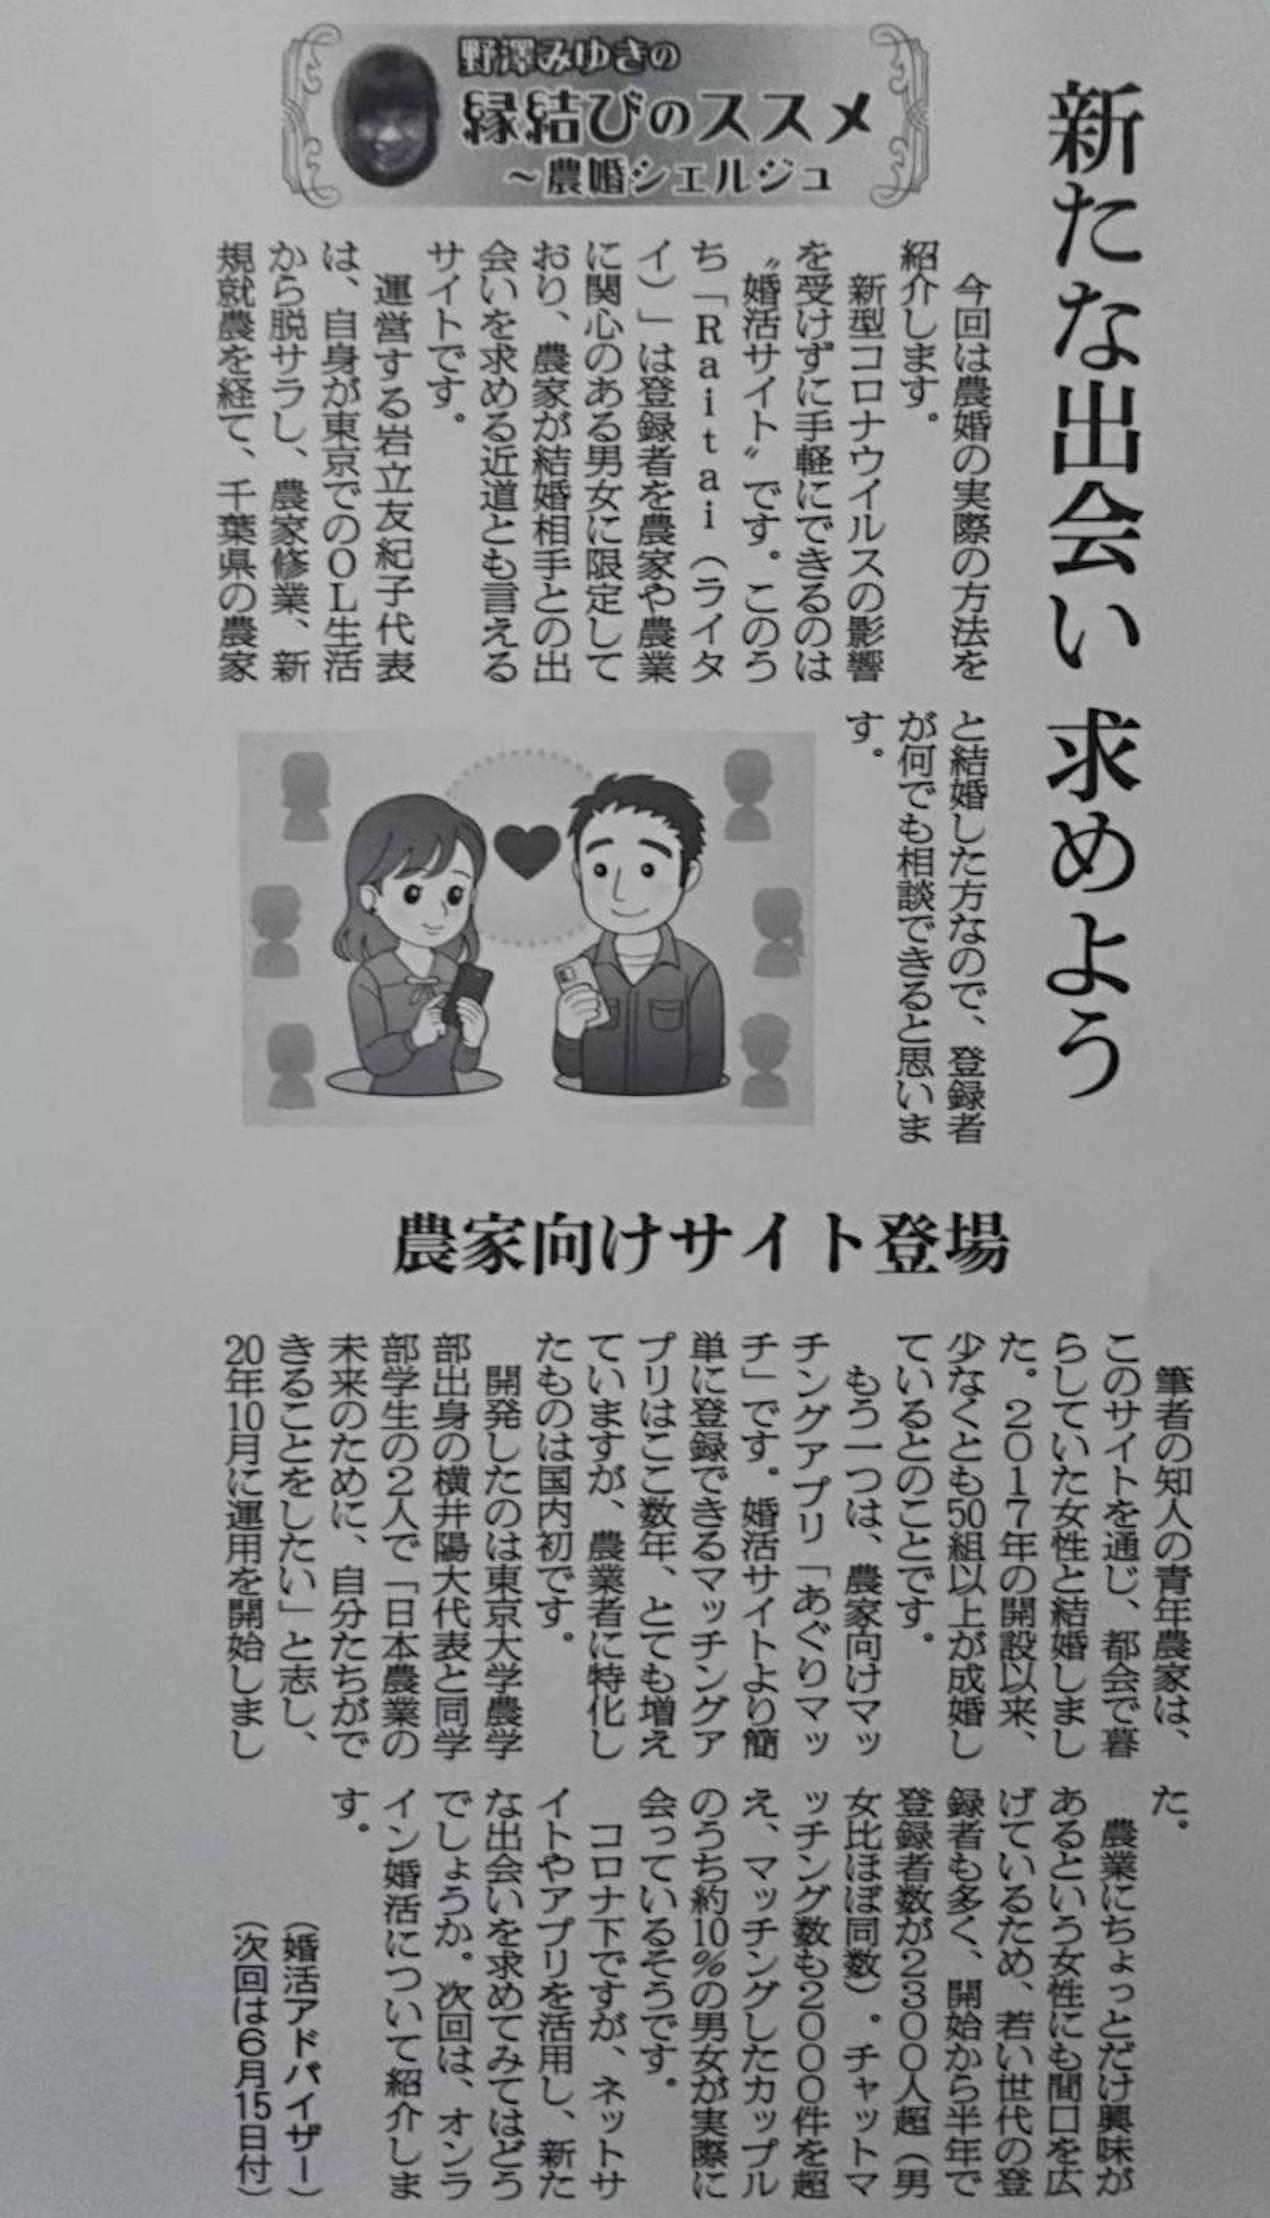 日本農業新聞 5/18 あぐりマッチ